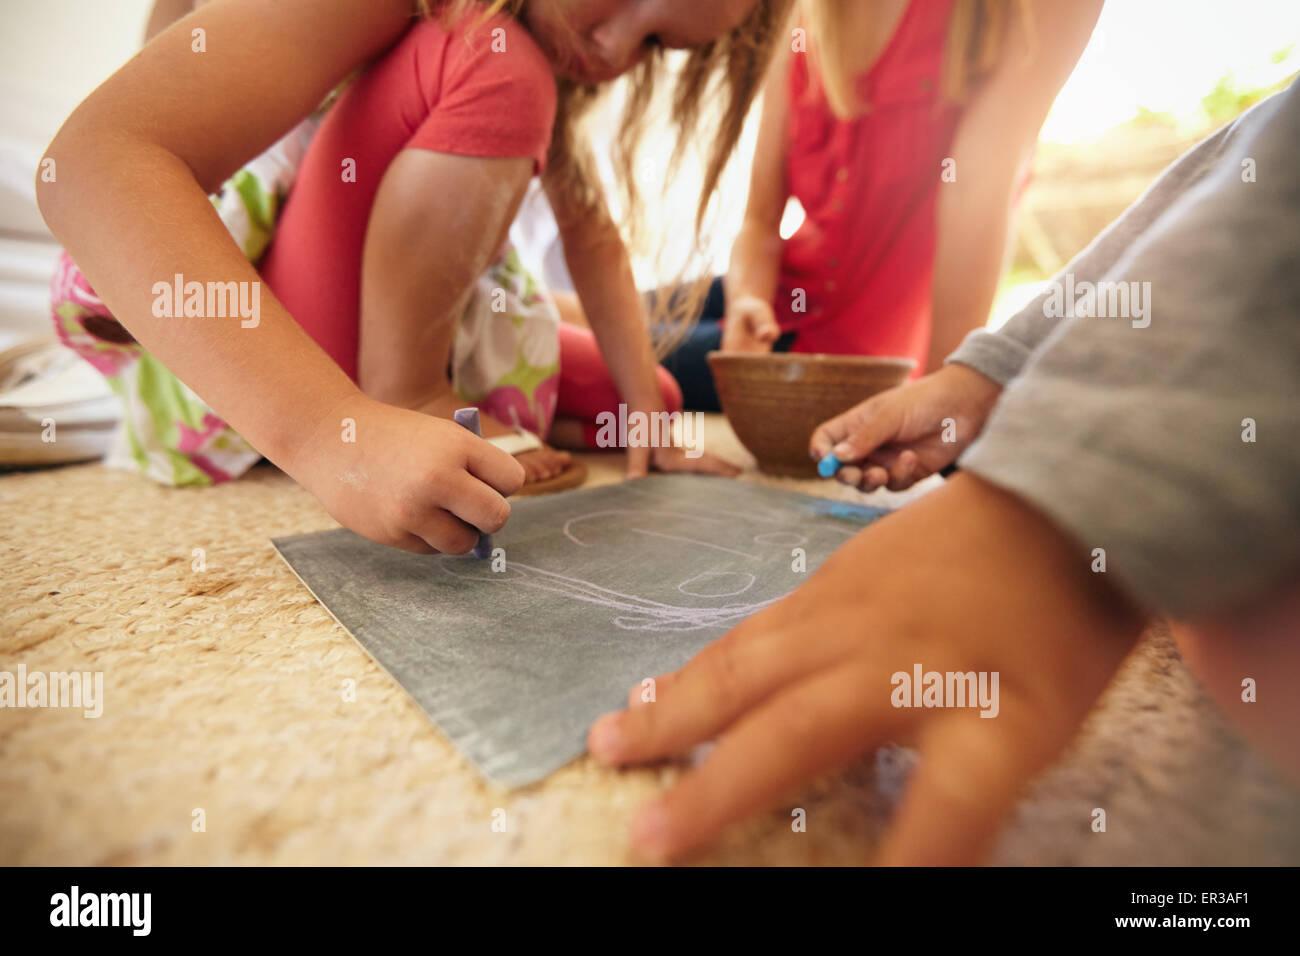 Kleines Mädchen mit ihrem Bruder und Eltern sitzen. Konzentrieren Sie sich auf Mädchen Hände zeichnen Stockbild